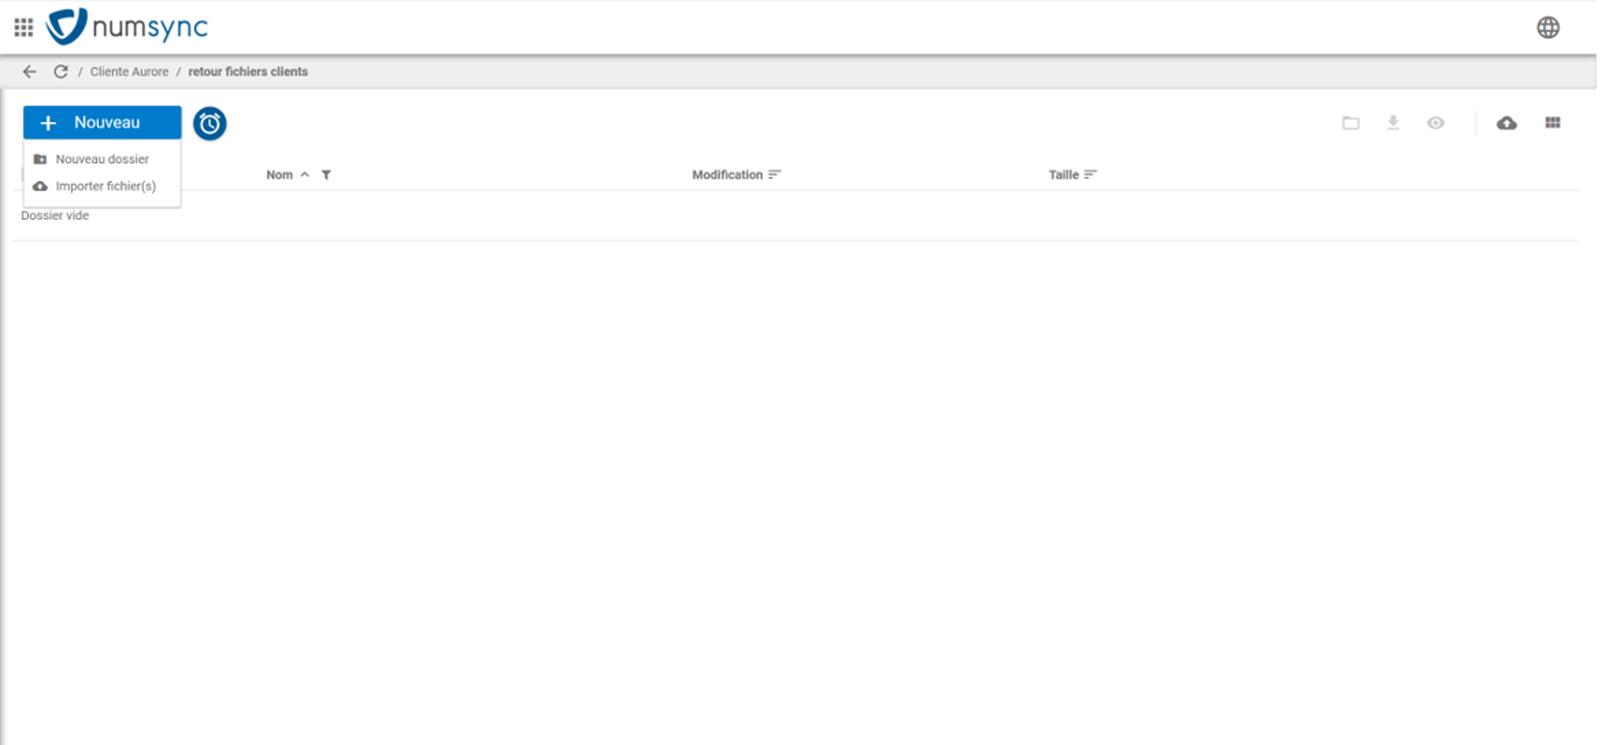 Numsync, collaboration dépôt de fichiers